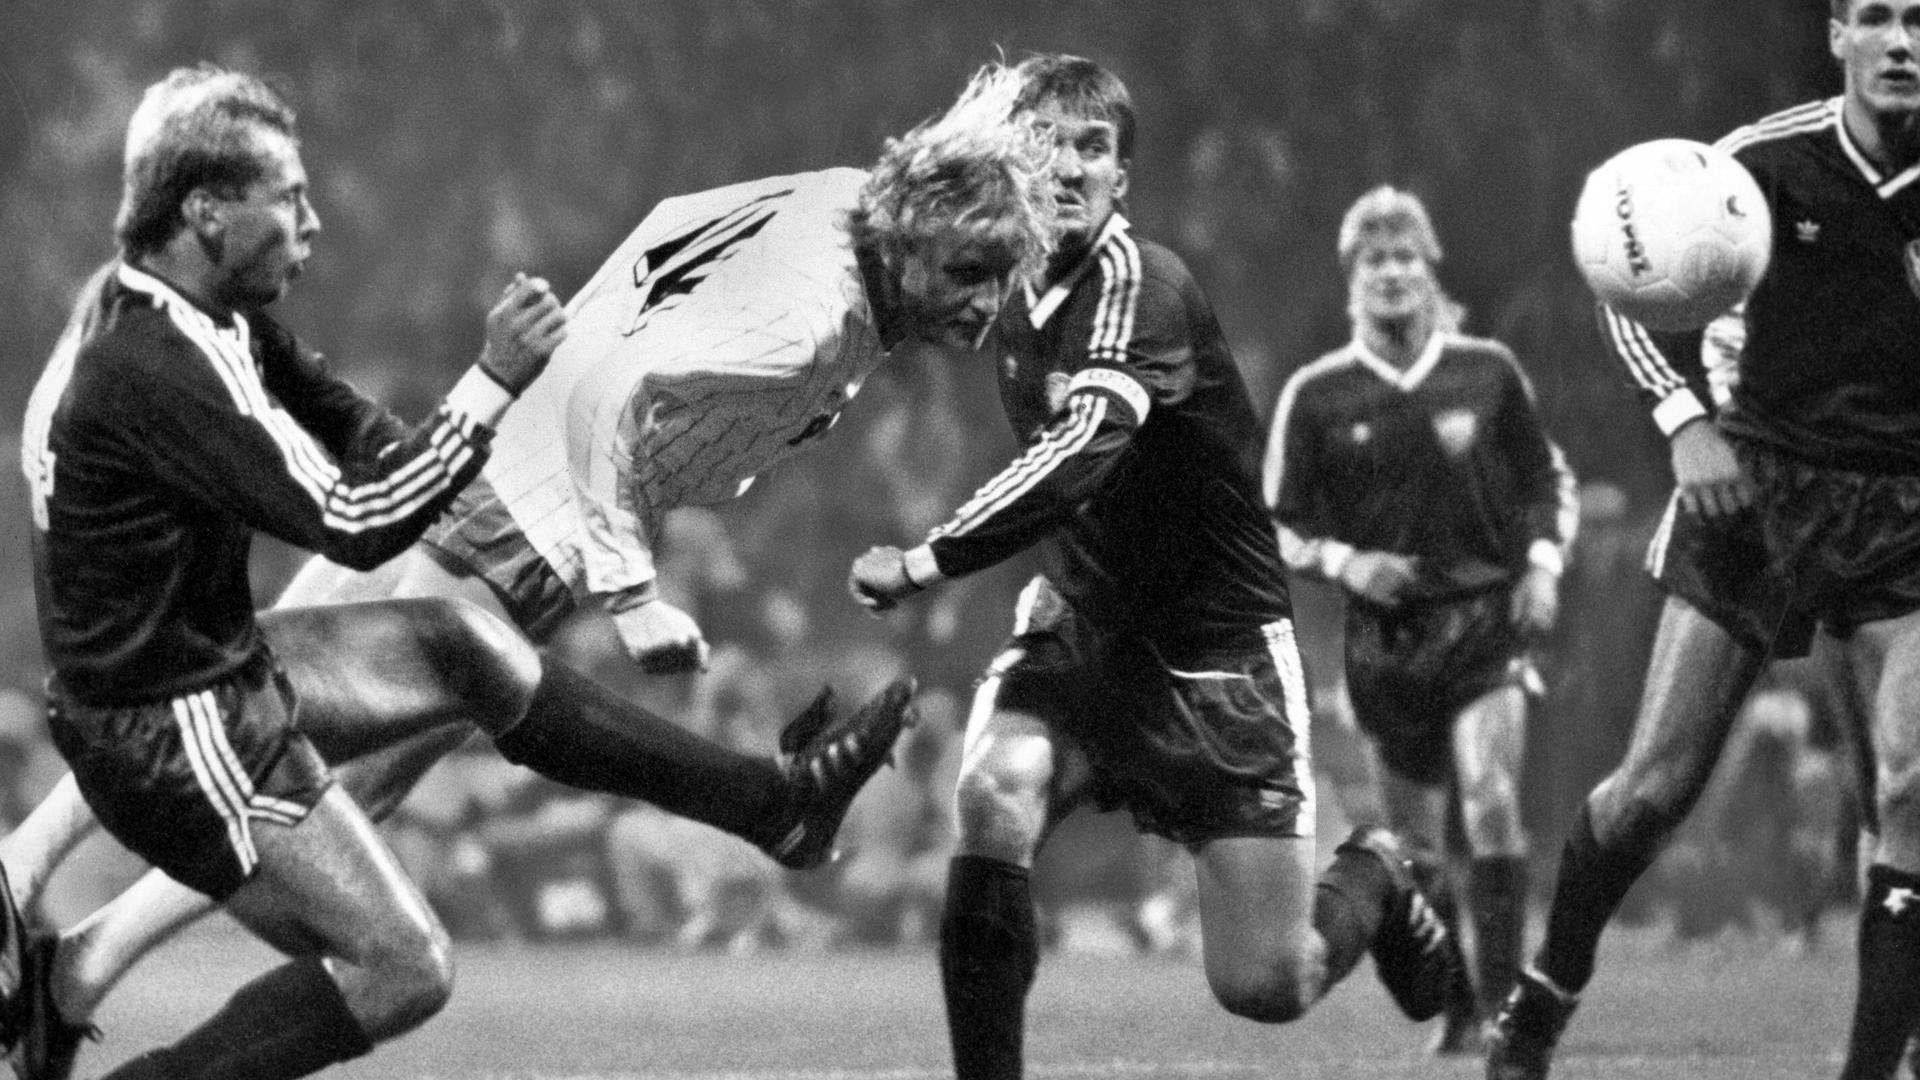 Manfred Burgsmüller (Werder Bremen) trifft am 11. Oktober 1988 zum 4:0 gegen den Stasi-Club BFC Dynamo Berlin von Burkhard Reich (rechts).